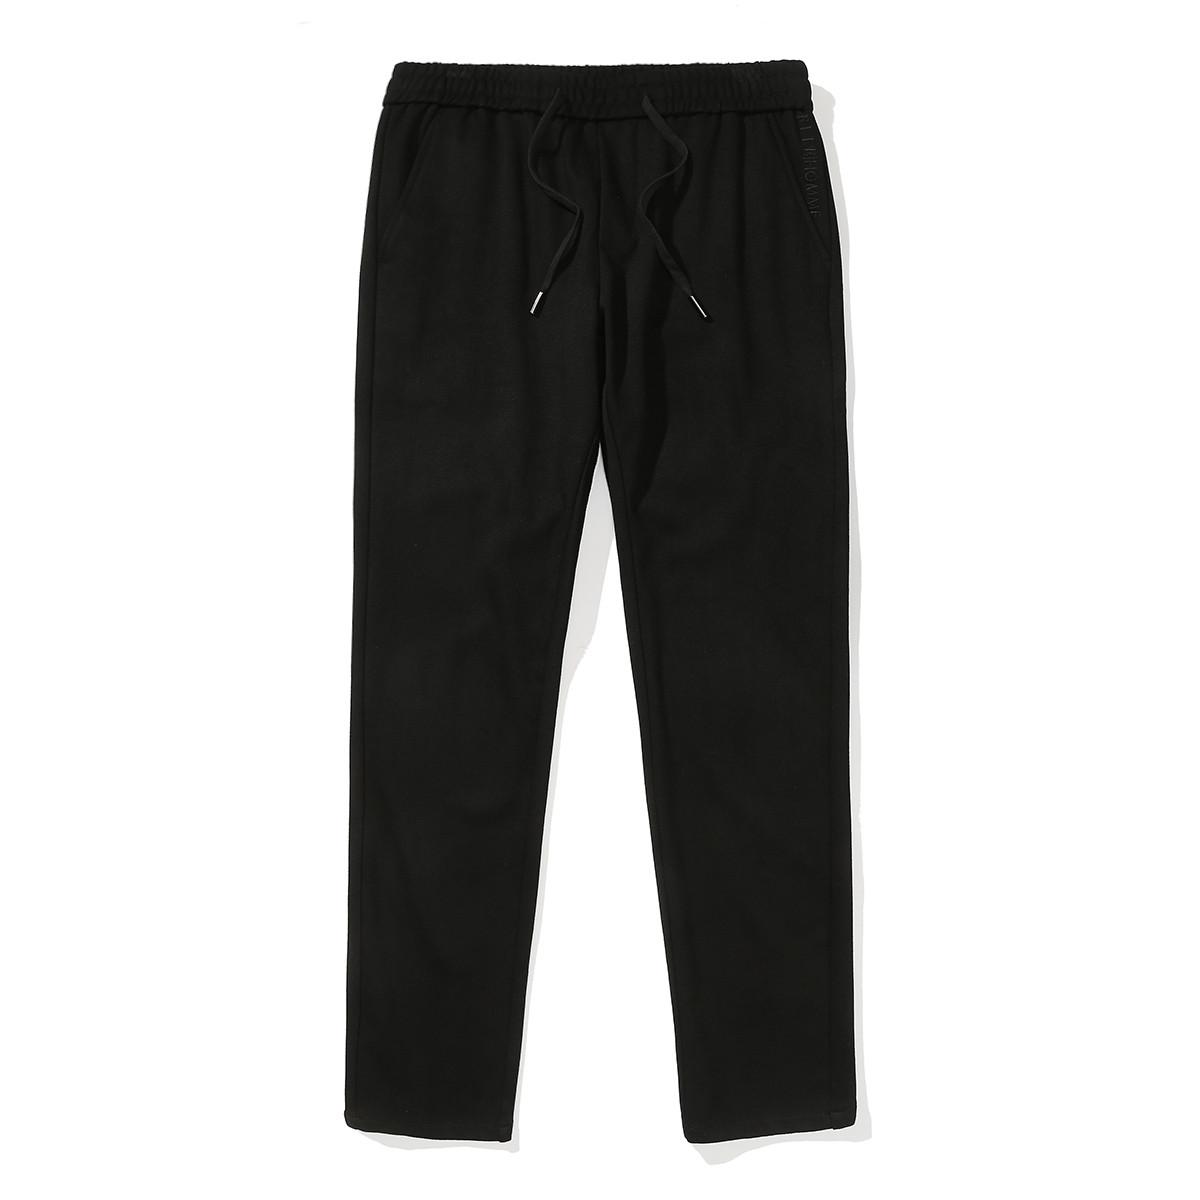 ELLE HOMMEELLE HOMME2019新款男式简约系带休闲长裤ELSHD0683I04